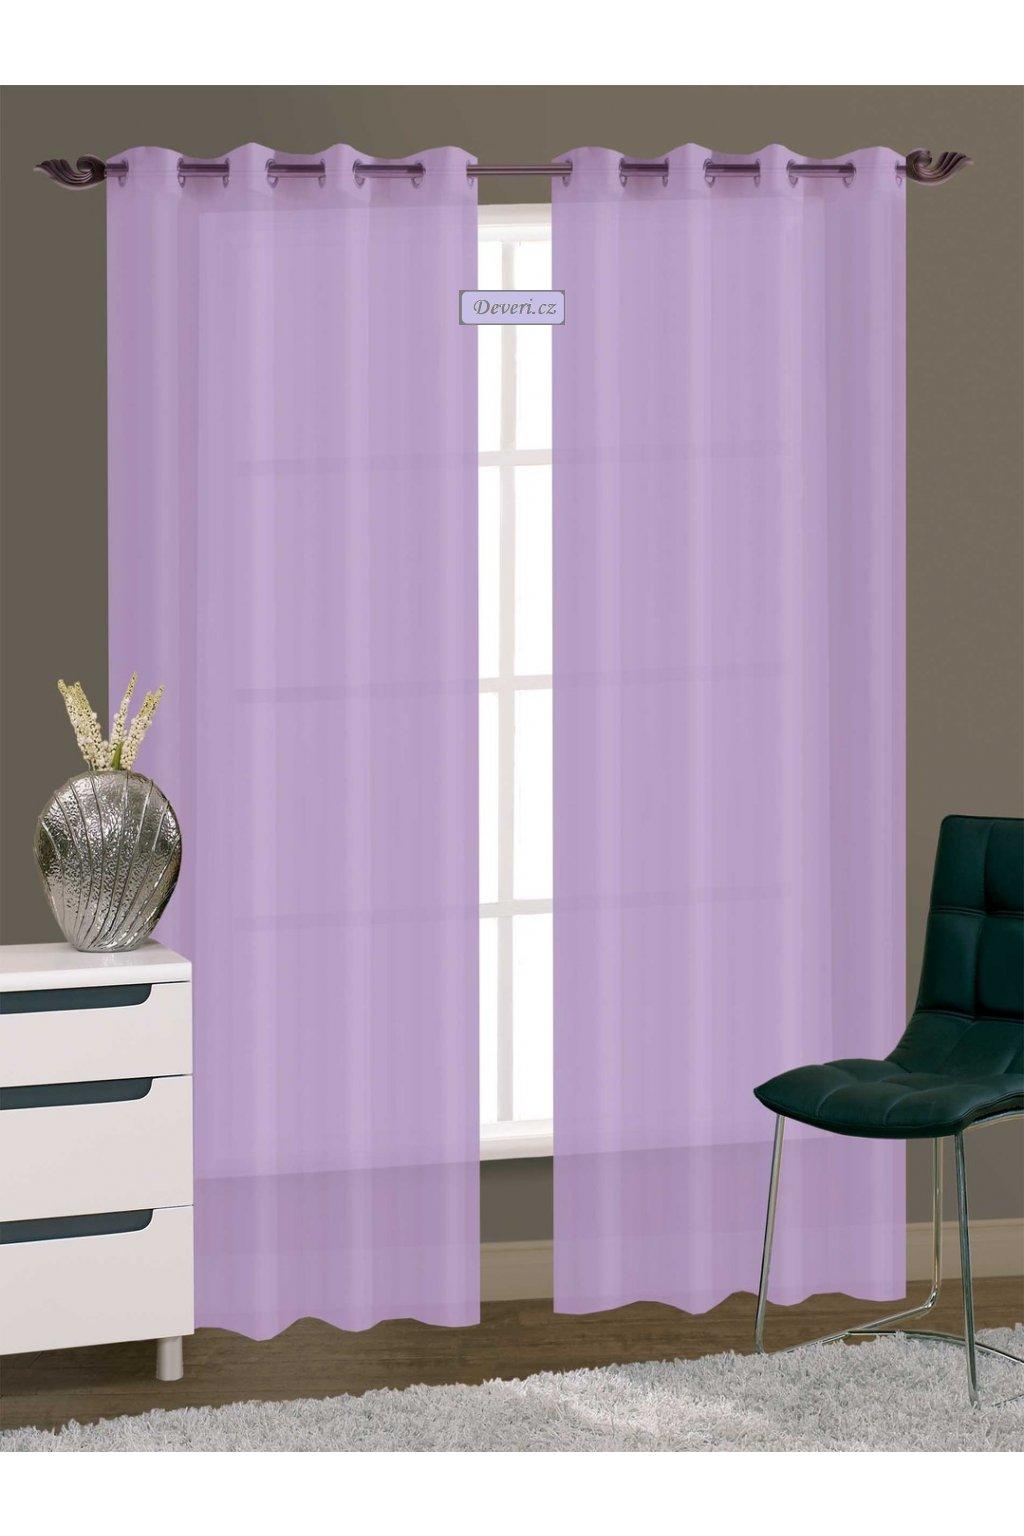 Záclona / závěs Henry 145x250cm různé barvy